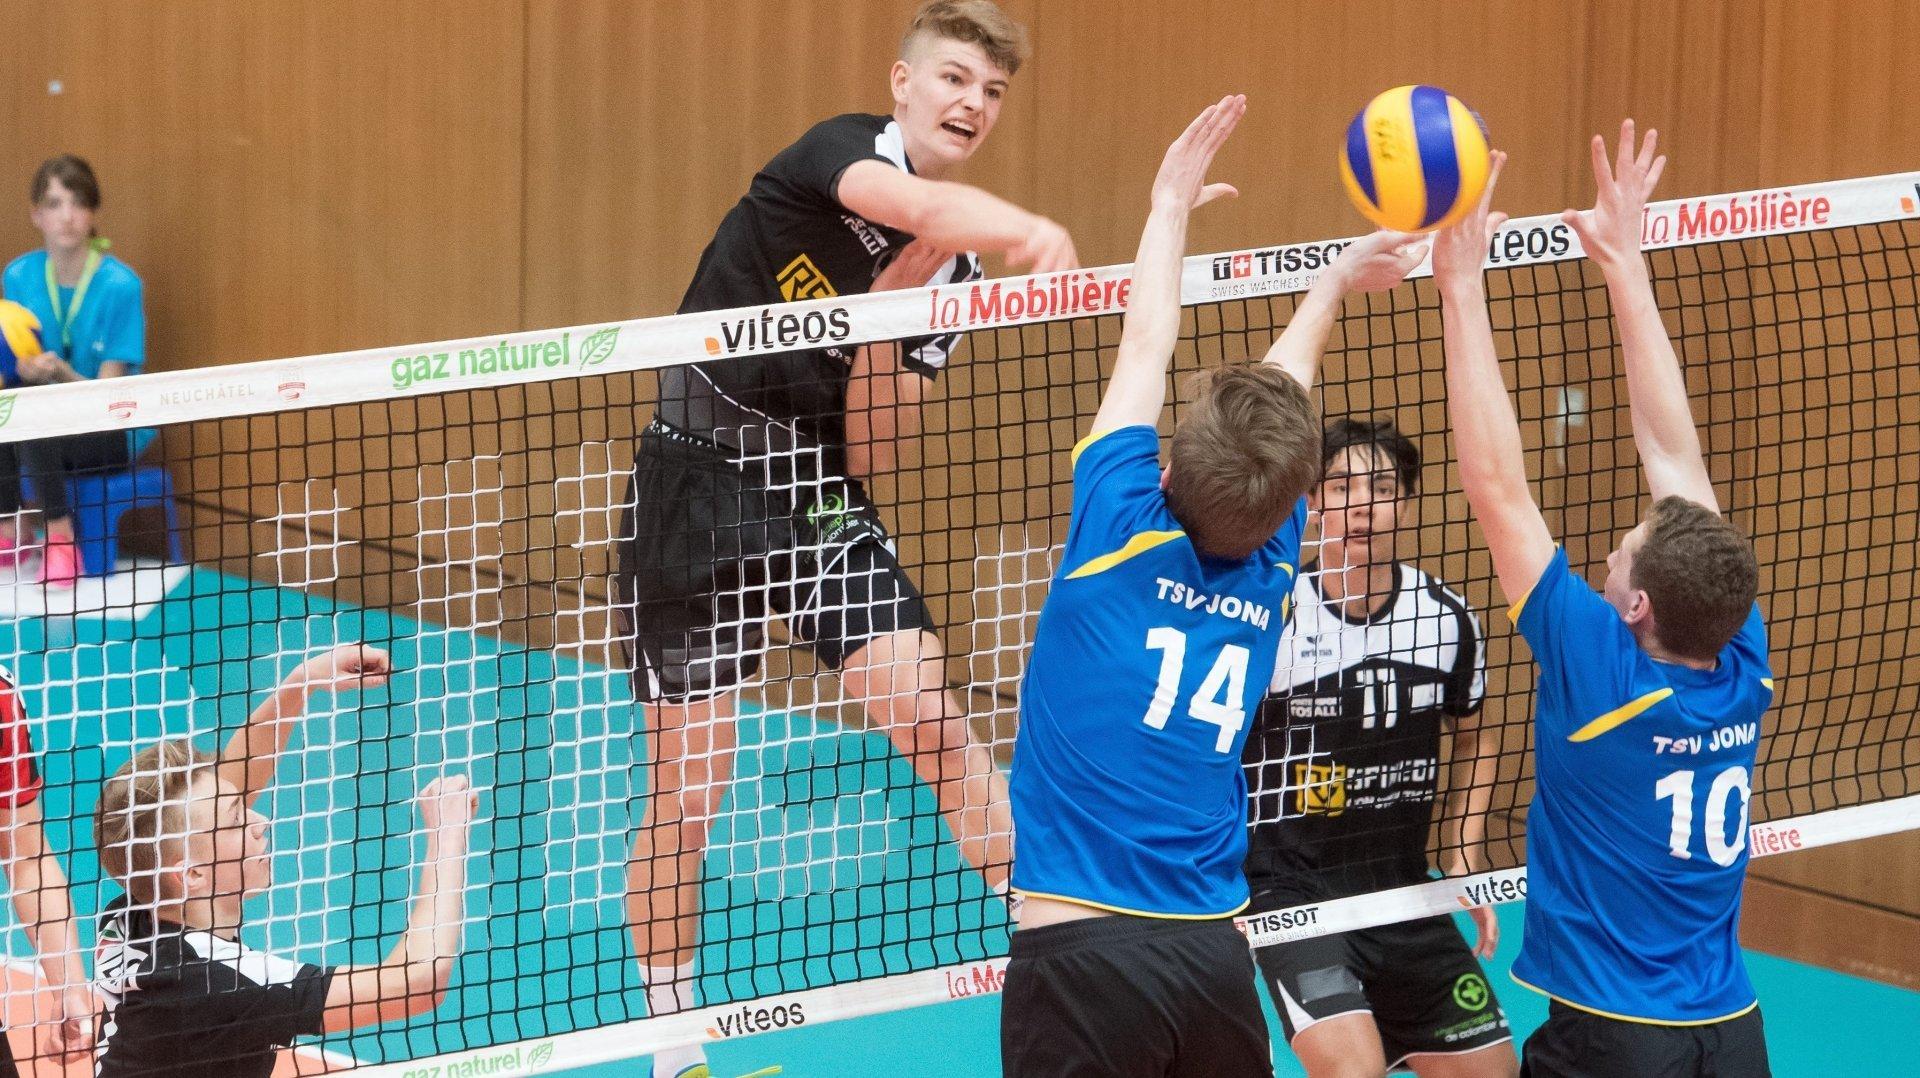 Volleyball: un jeune Neuchâtelois signe en ligue nationale A avec le LUC